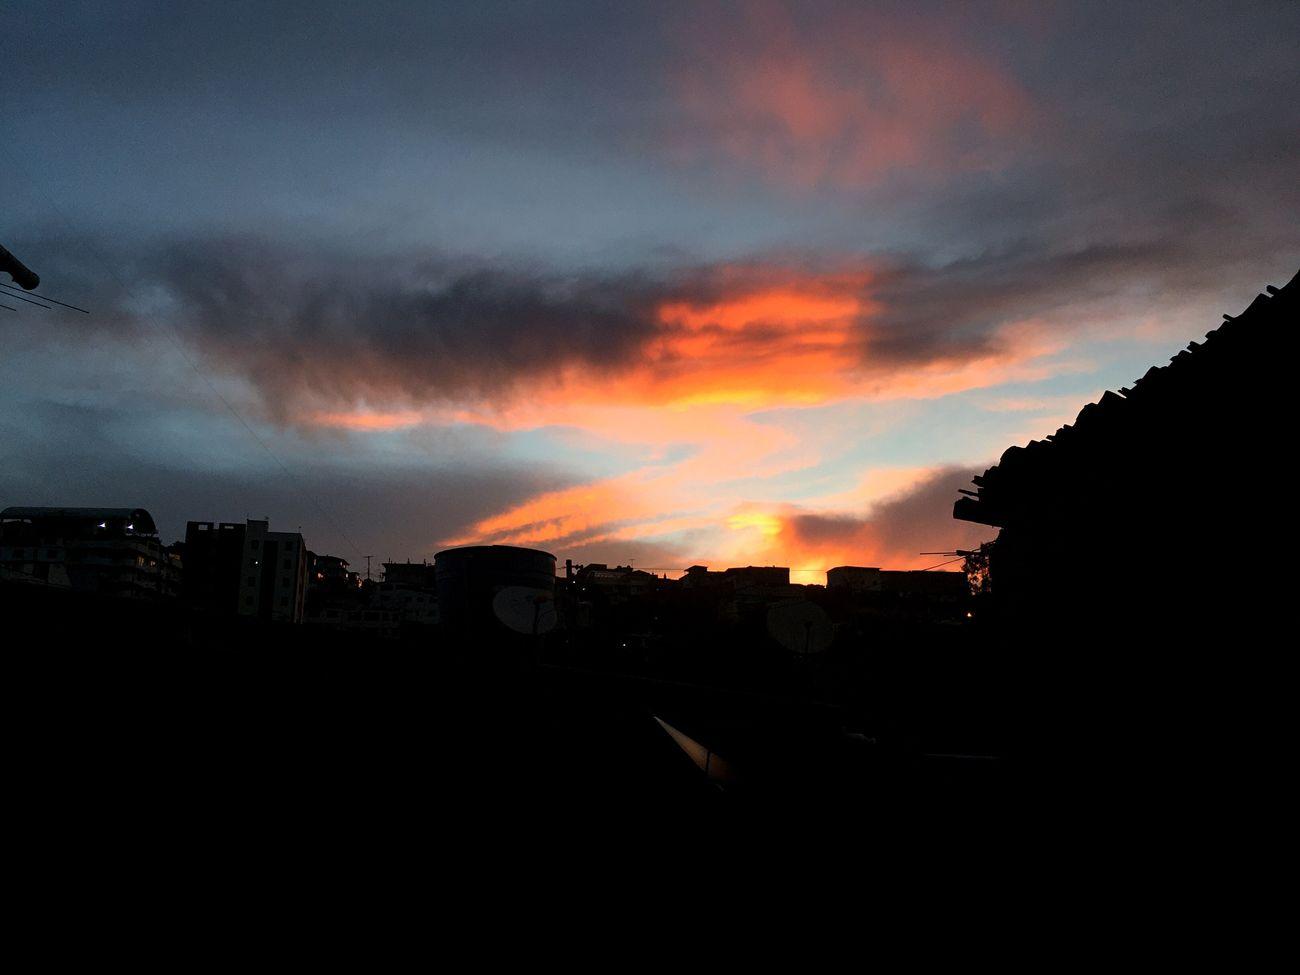 Y aunque a veces eres caprichosa, siempre luces preciosa LOJA Sunset Dramatic Sky City Portrait Cloud - Sky Colorful